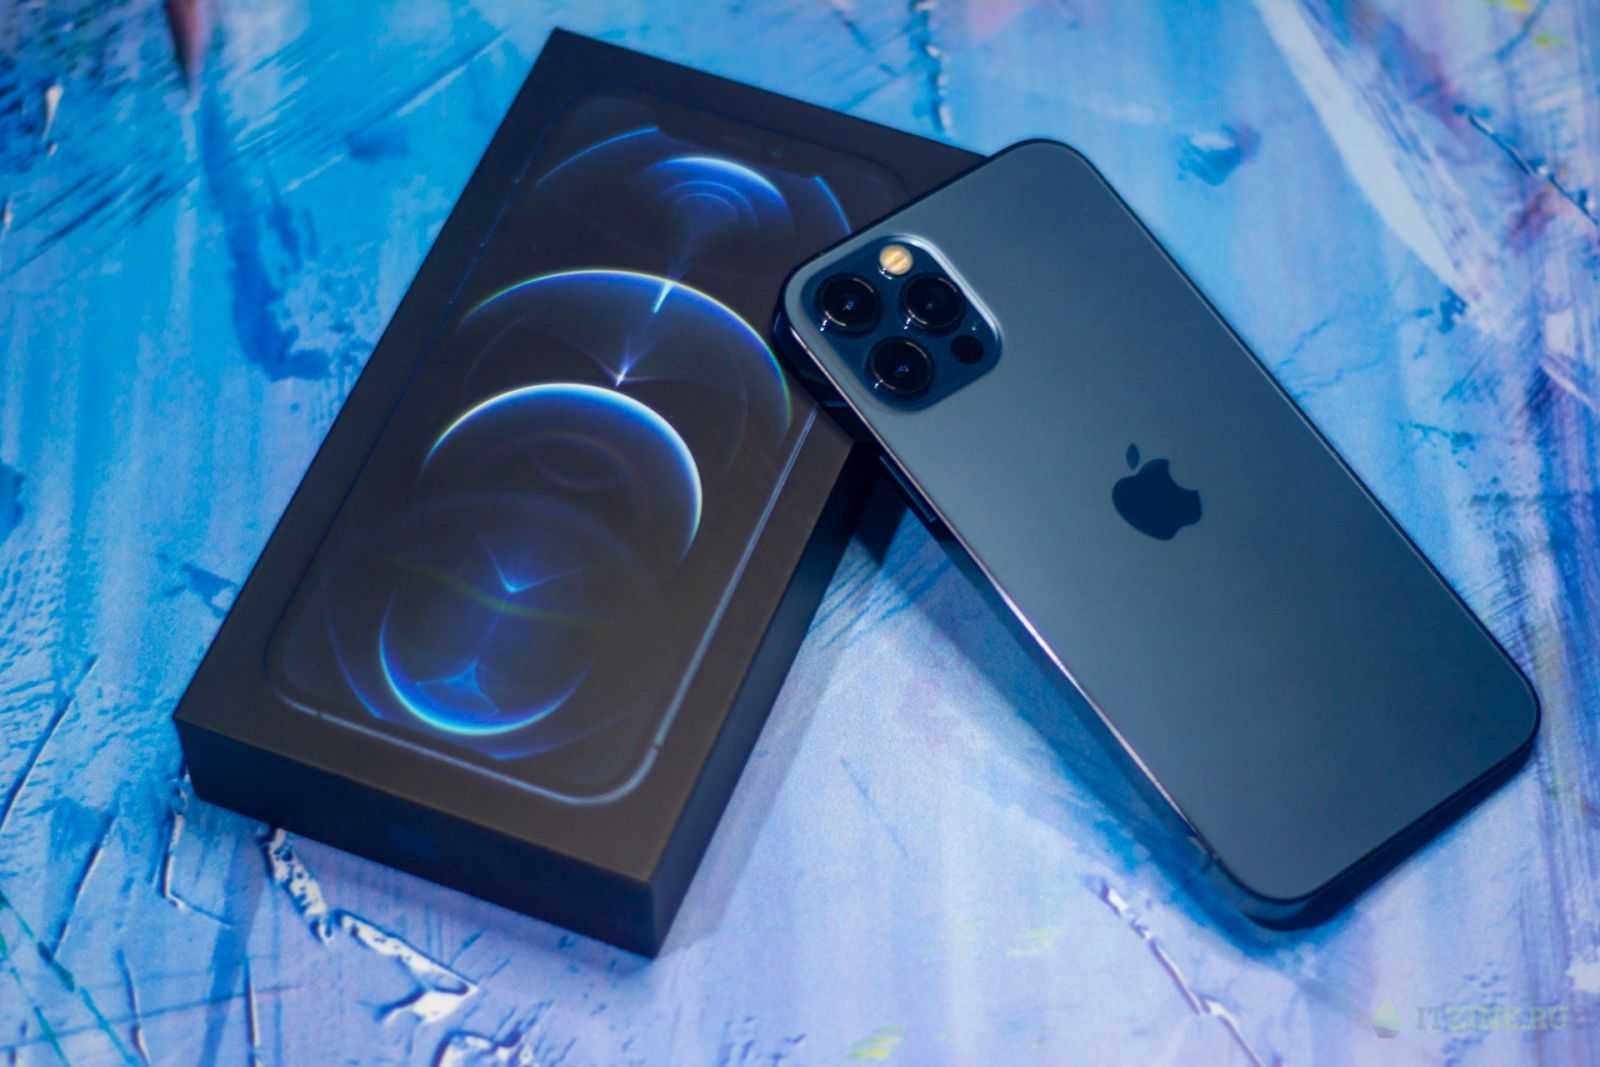 iPhone 13 получит OLED-экран 120 Гц с технологией Freesync